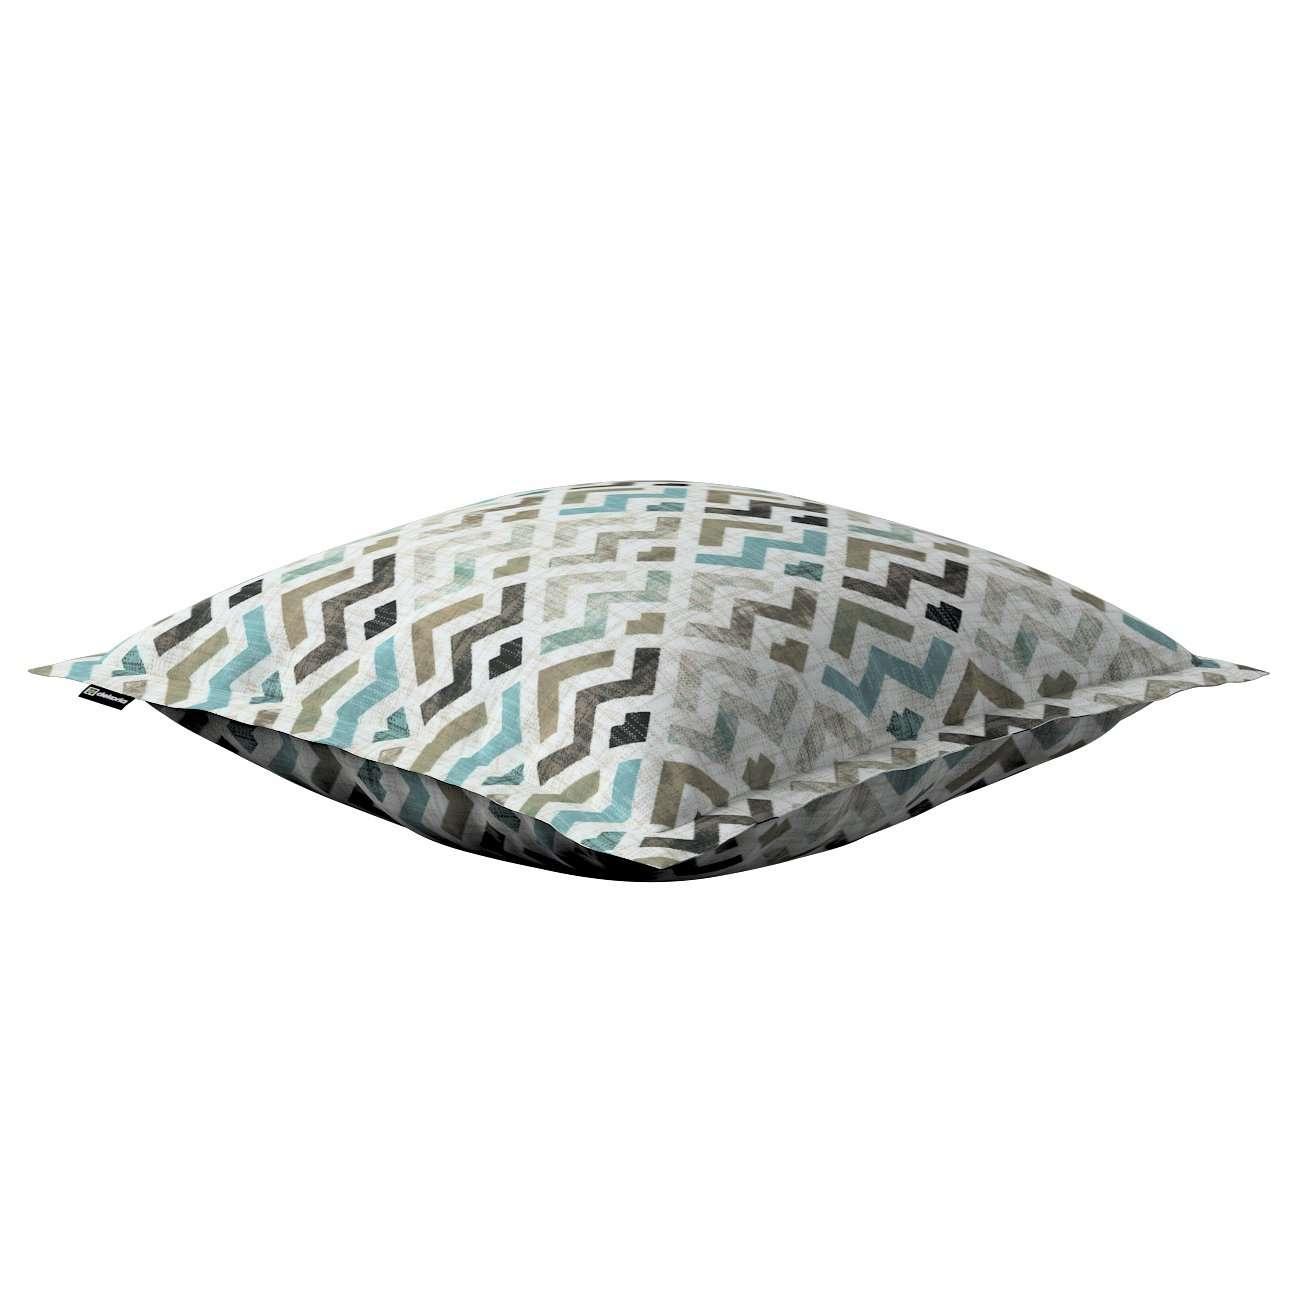 Poszewka Mona na poduszkę w kolekcji Modern, tkanina: 141-93